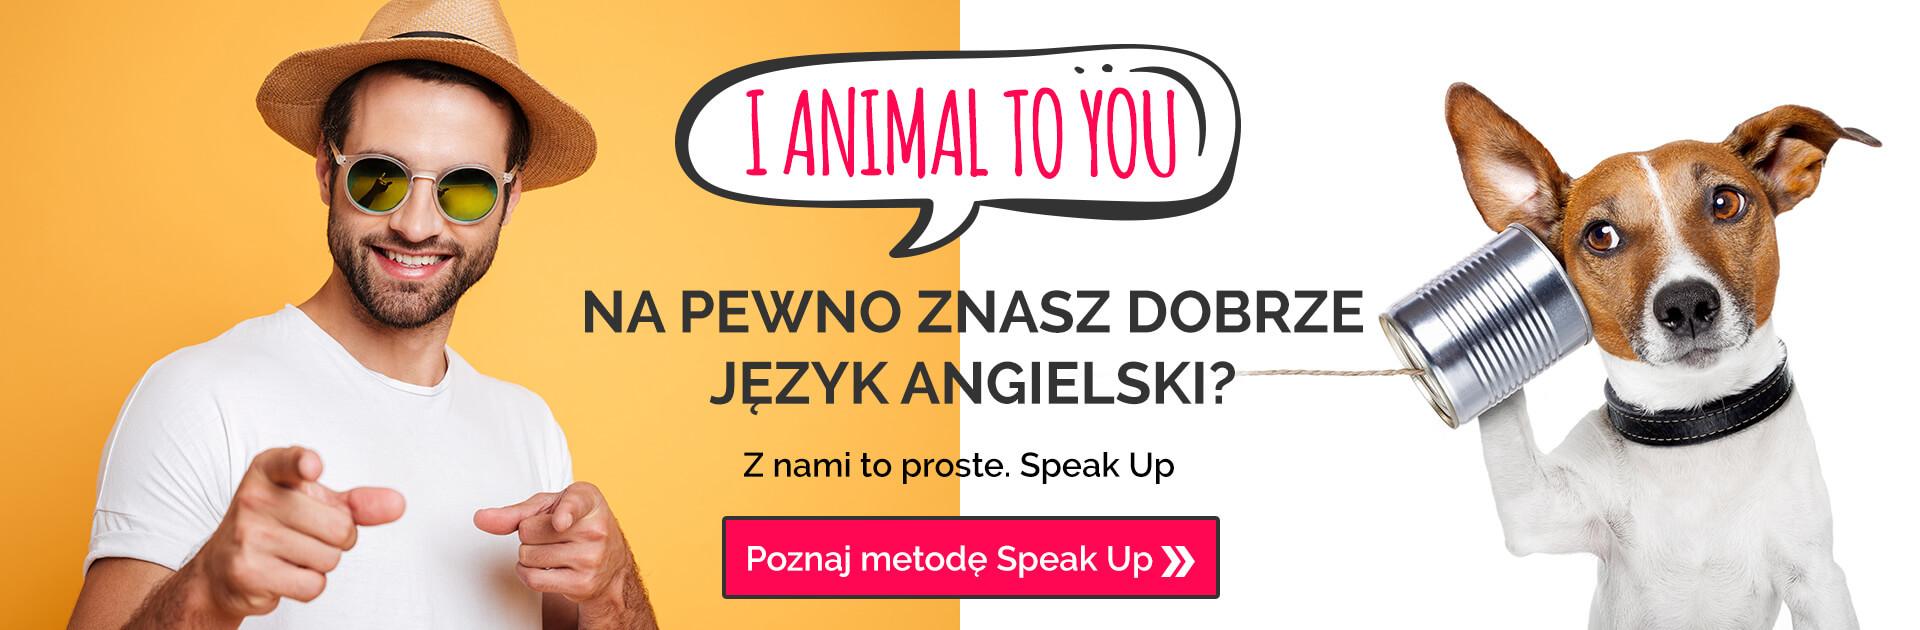 Wakacje w Speak Up!